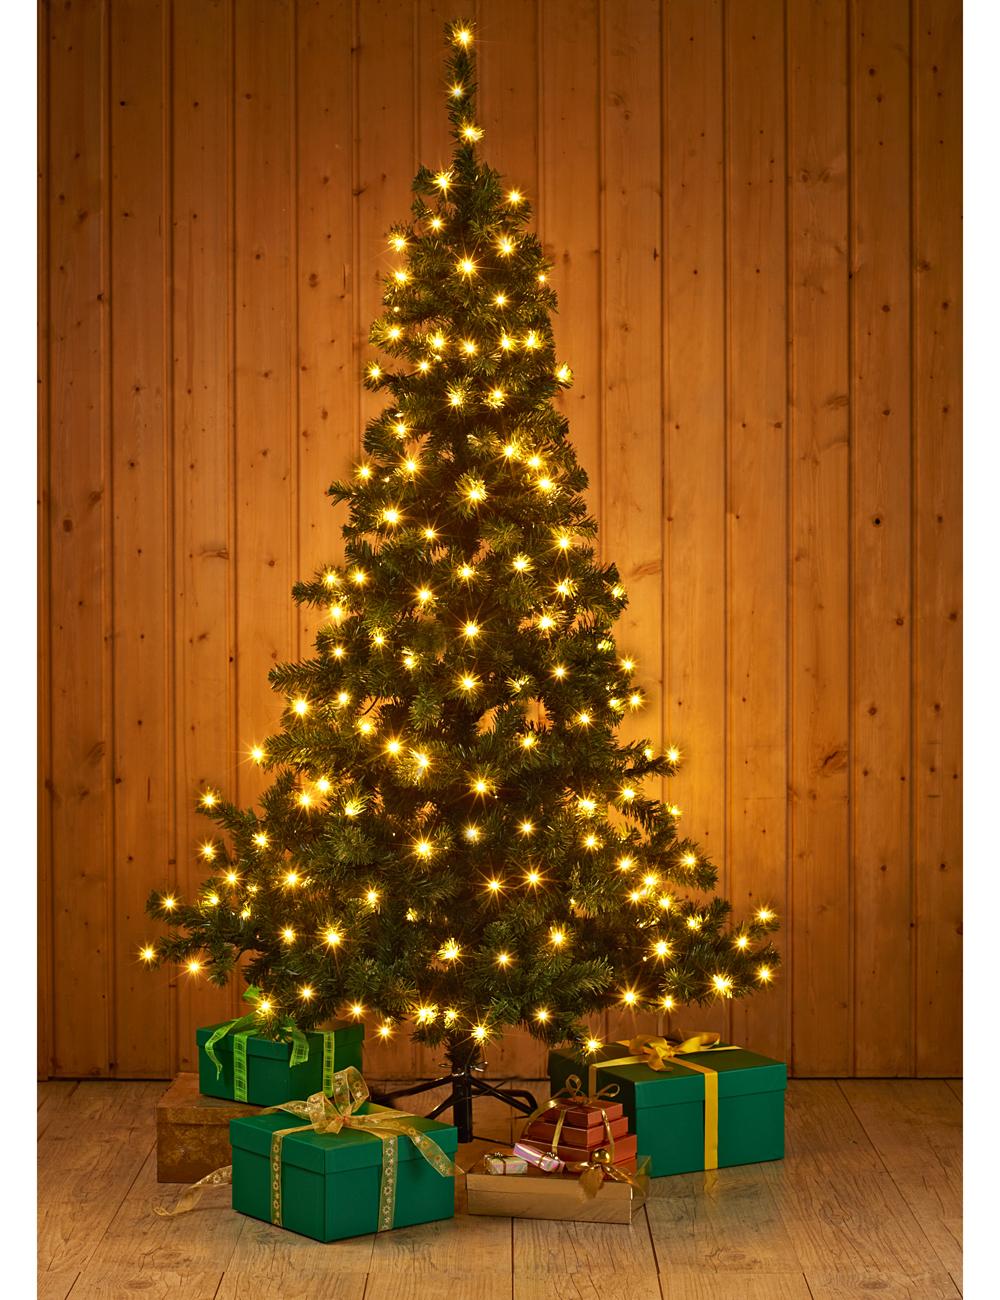 Weihnachtsbaum mit 180 leds - Tannenbaum dekoration ...